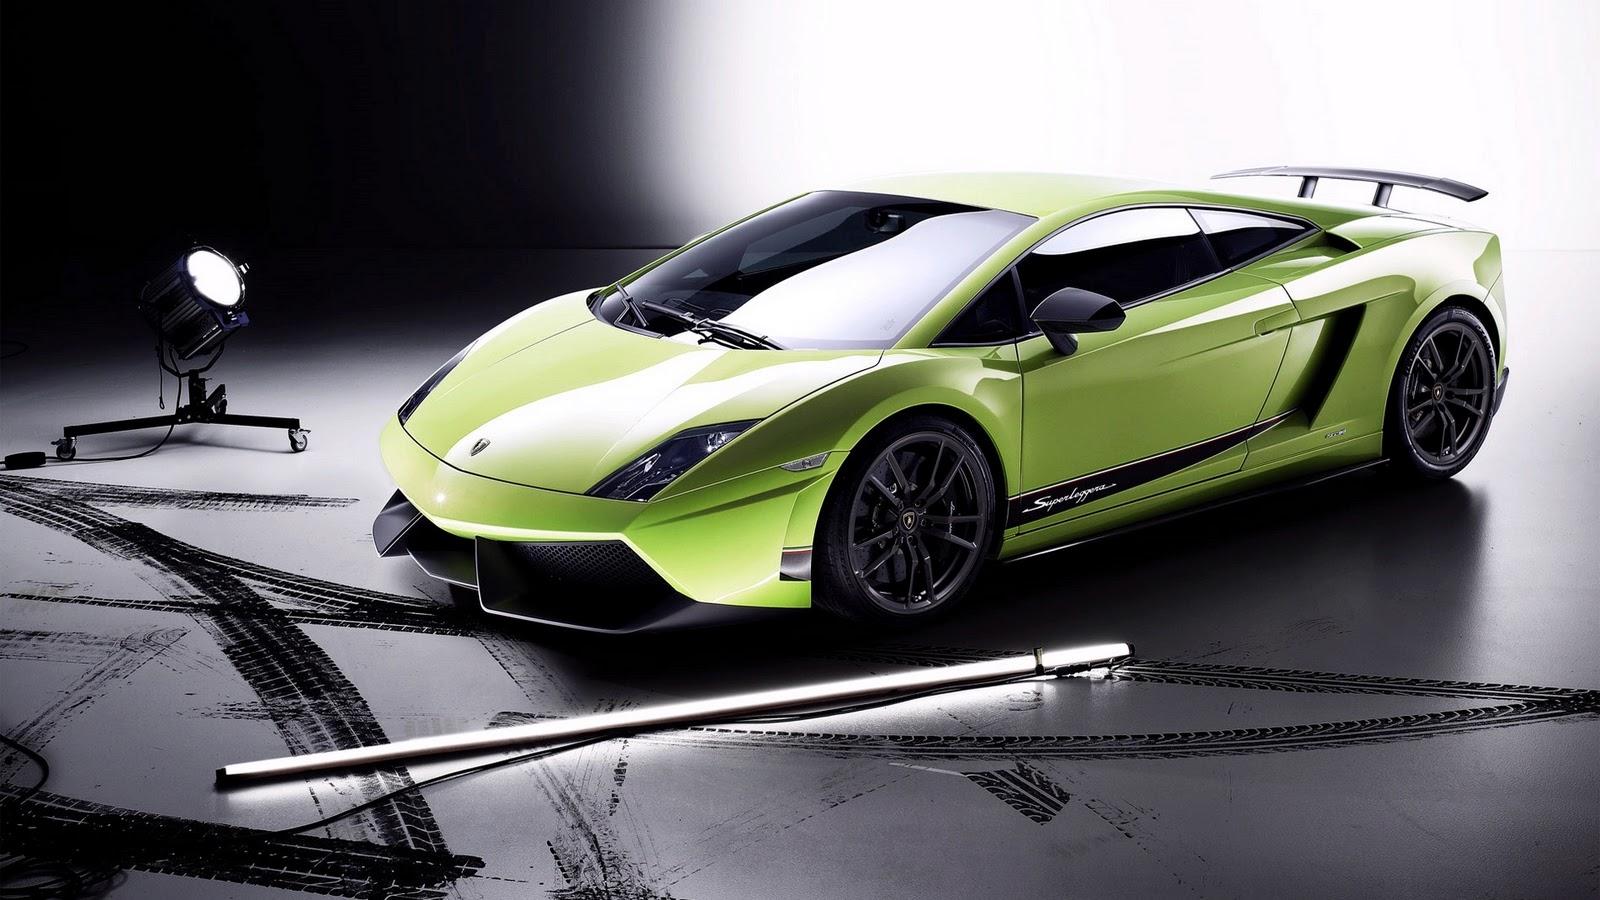 http://2.bp.blogspot.com/_v5h2qxDB1io/TTv6c9rhBTI/AAAAAAAABhM/ew-ZKm0tmp4/s1600/Green+Lamborghini+Gallardo.jpg